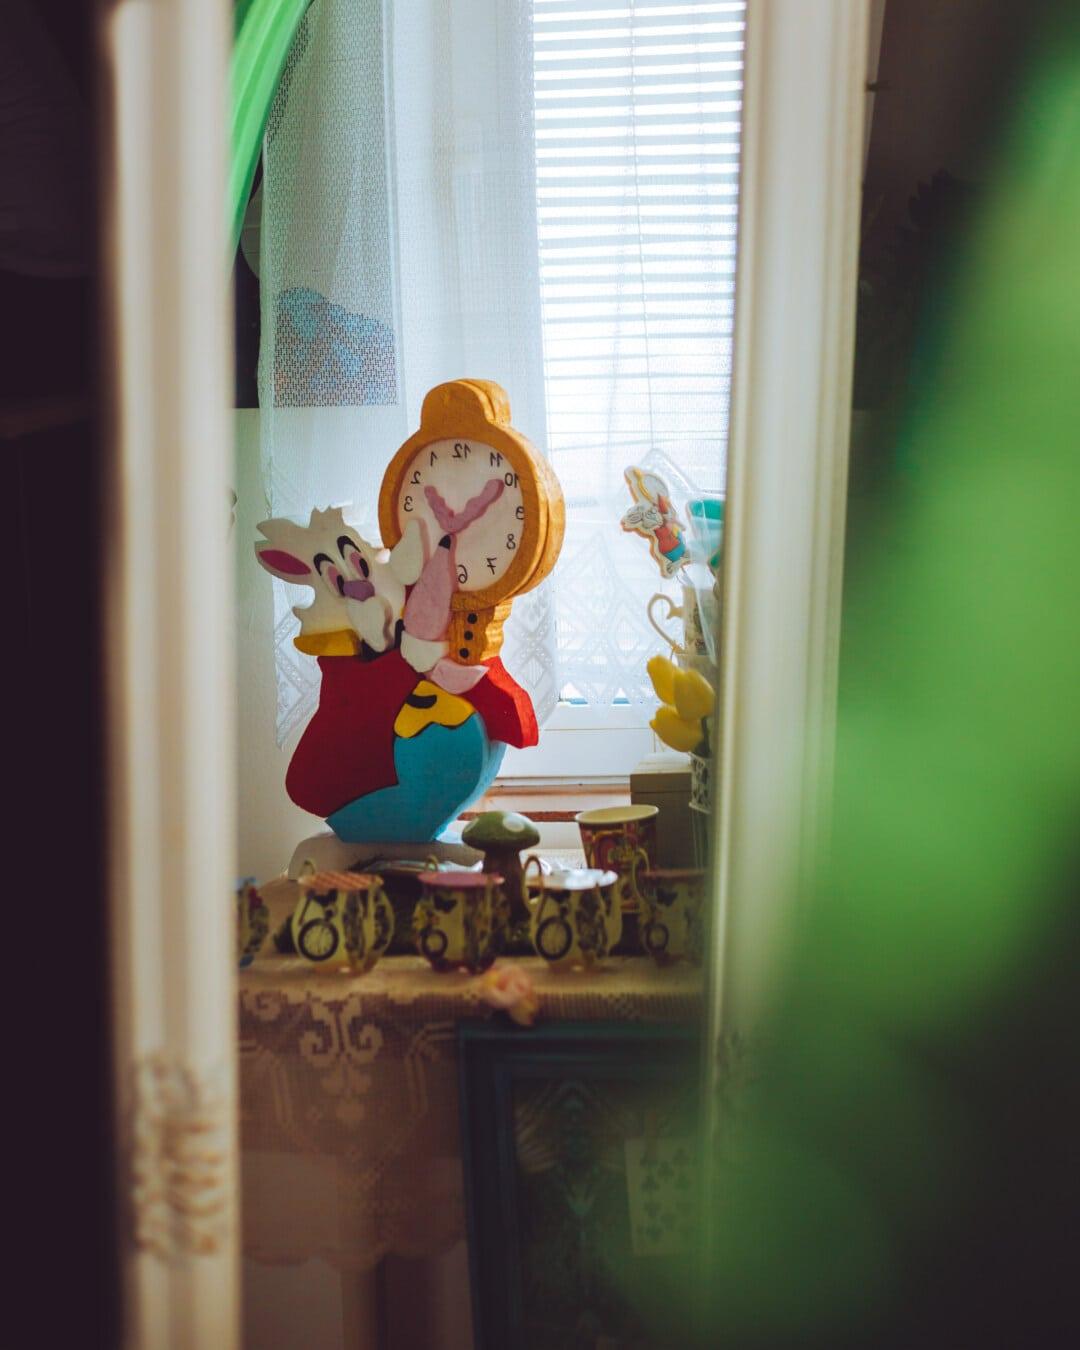 Bunny, Ostern, lustig, Spielzeug, Spiegel, Reflexion, Fenster, Kunst, Spielzeug, drinnen